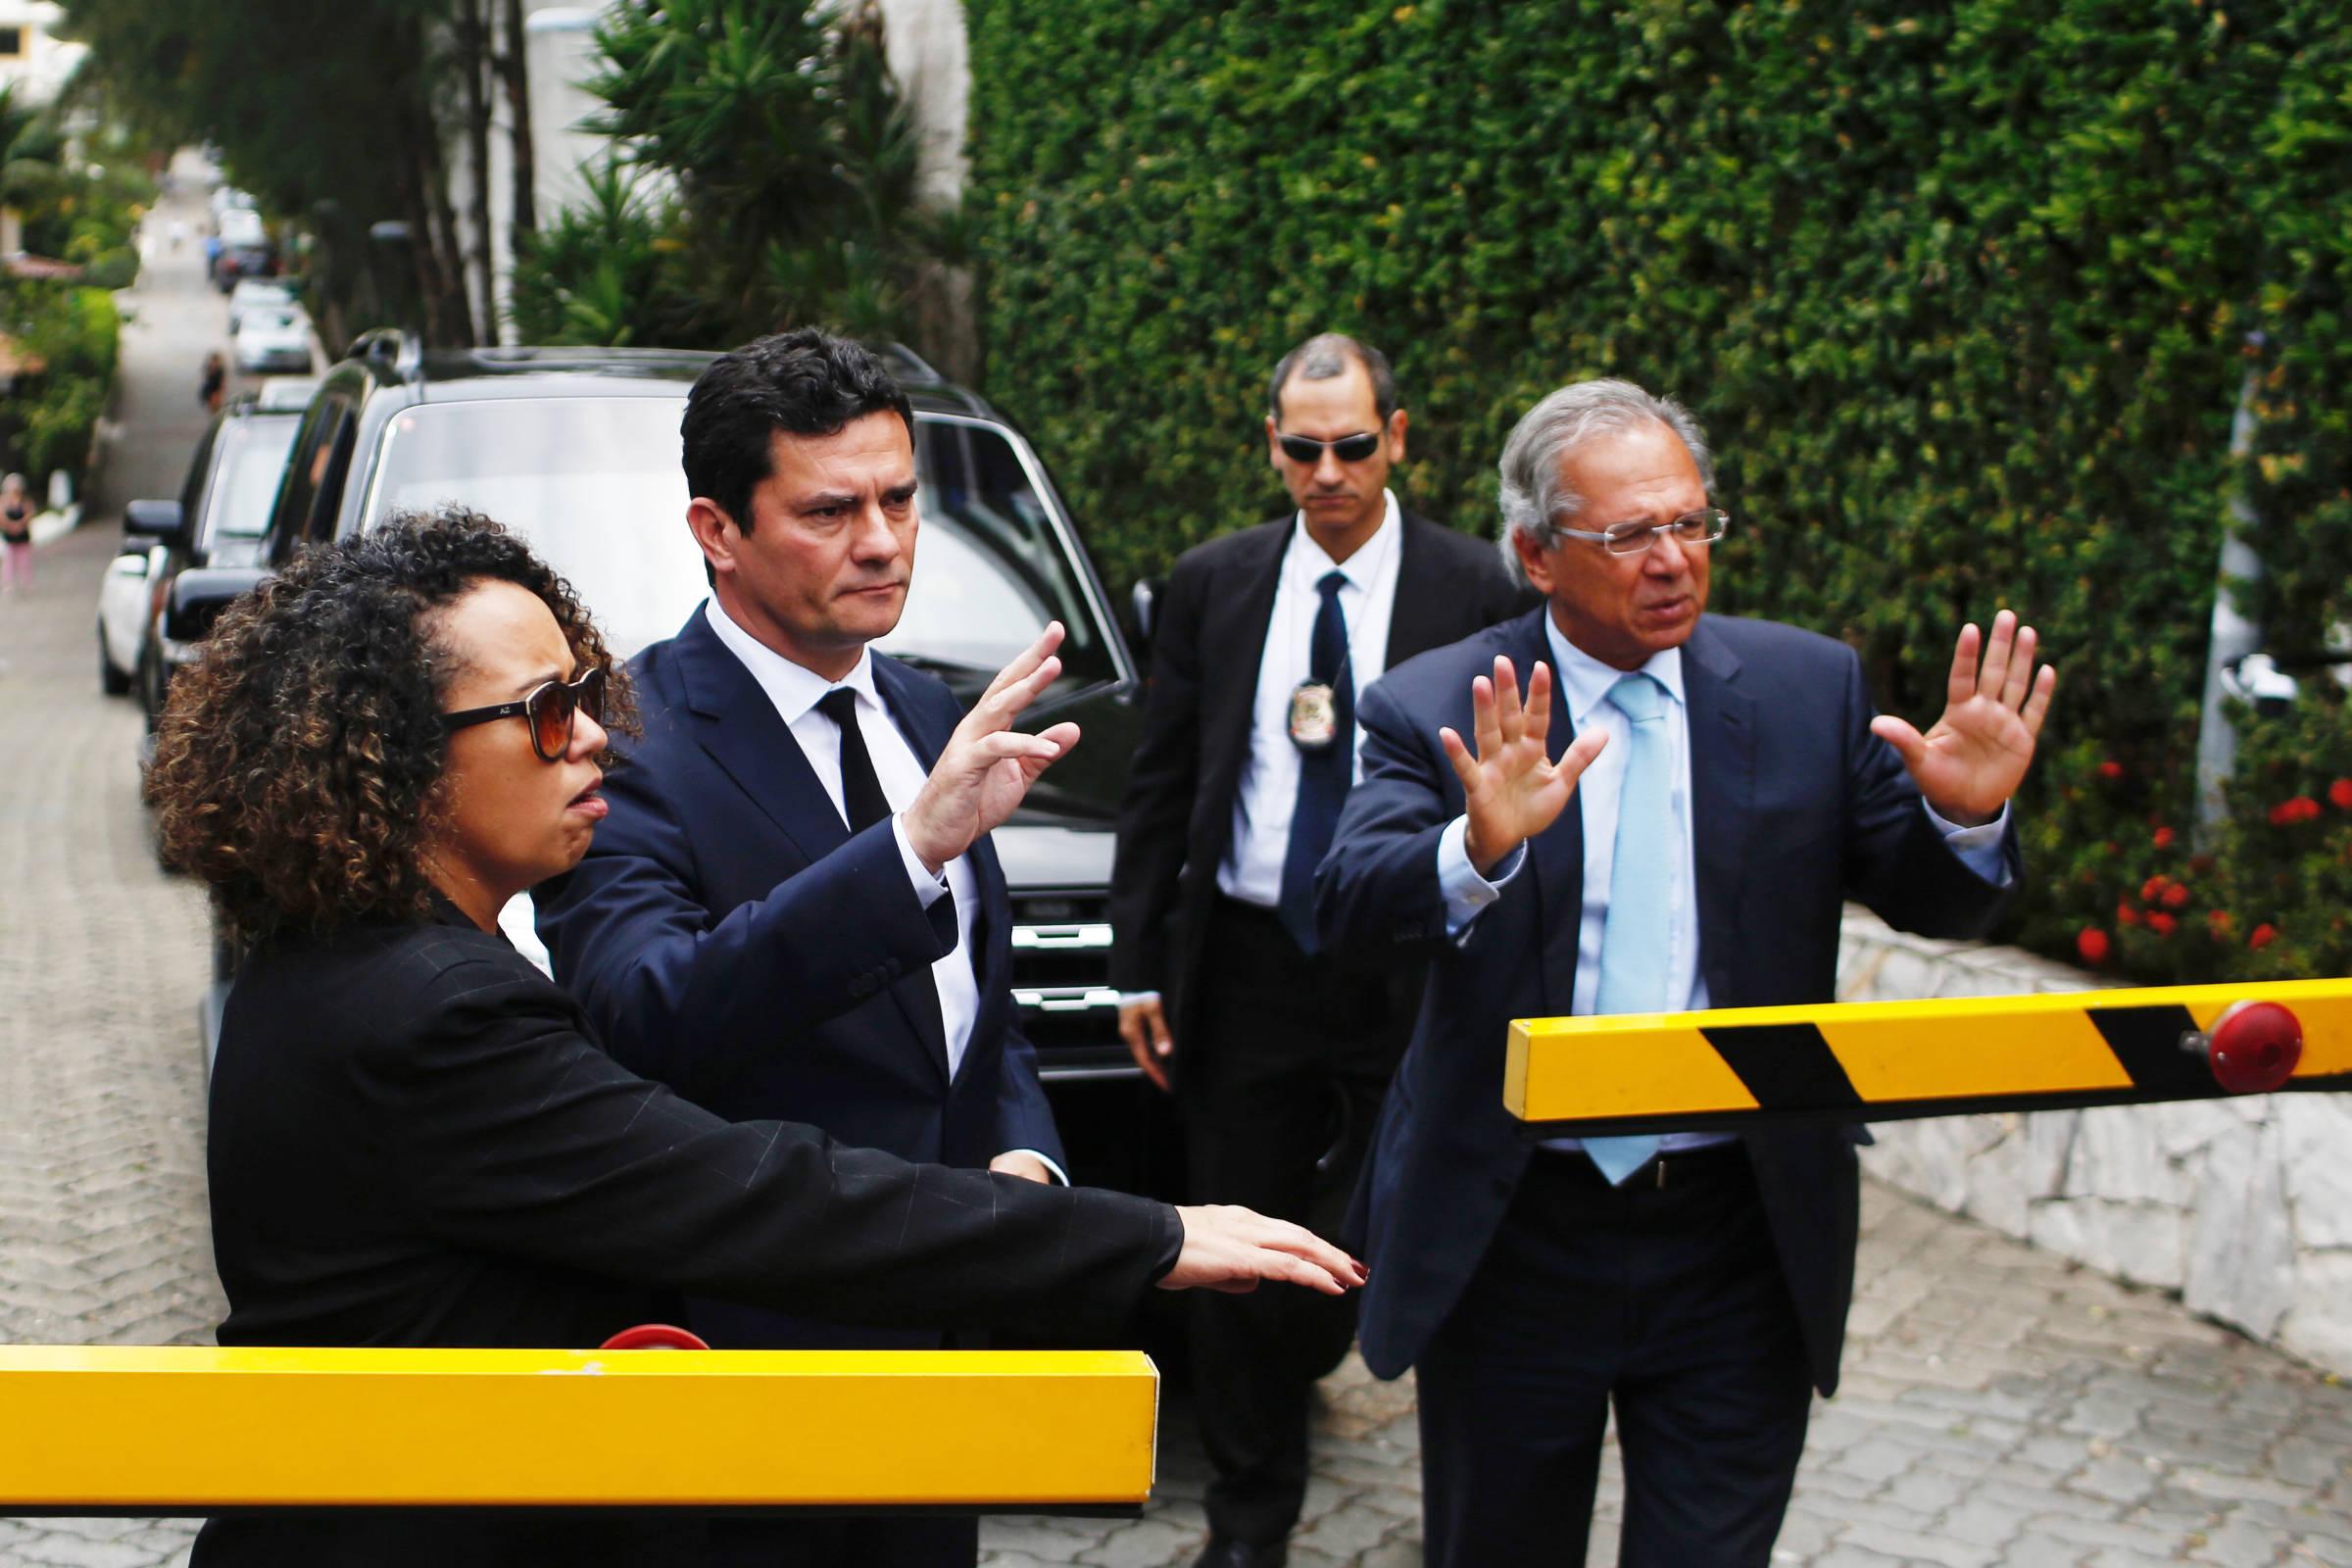 Guedes herdou a carta branca de Sergio Moro - 29/04/2020 - Elio ...